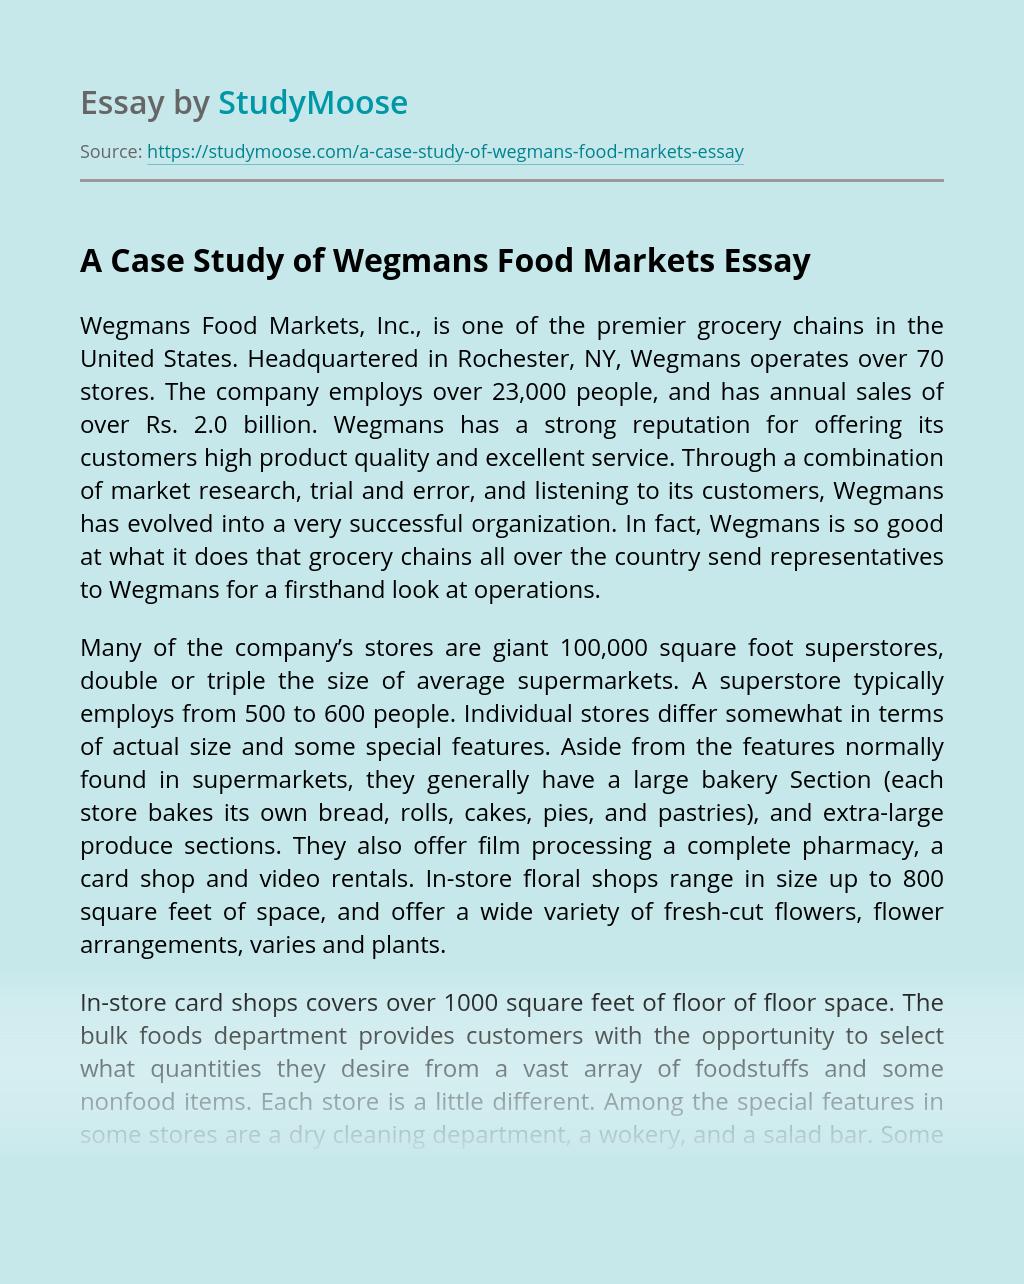 A Case Study of Wegmans Food Markets